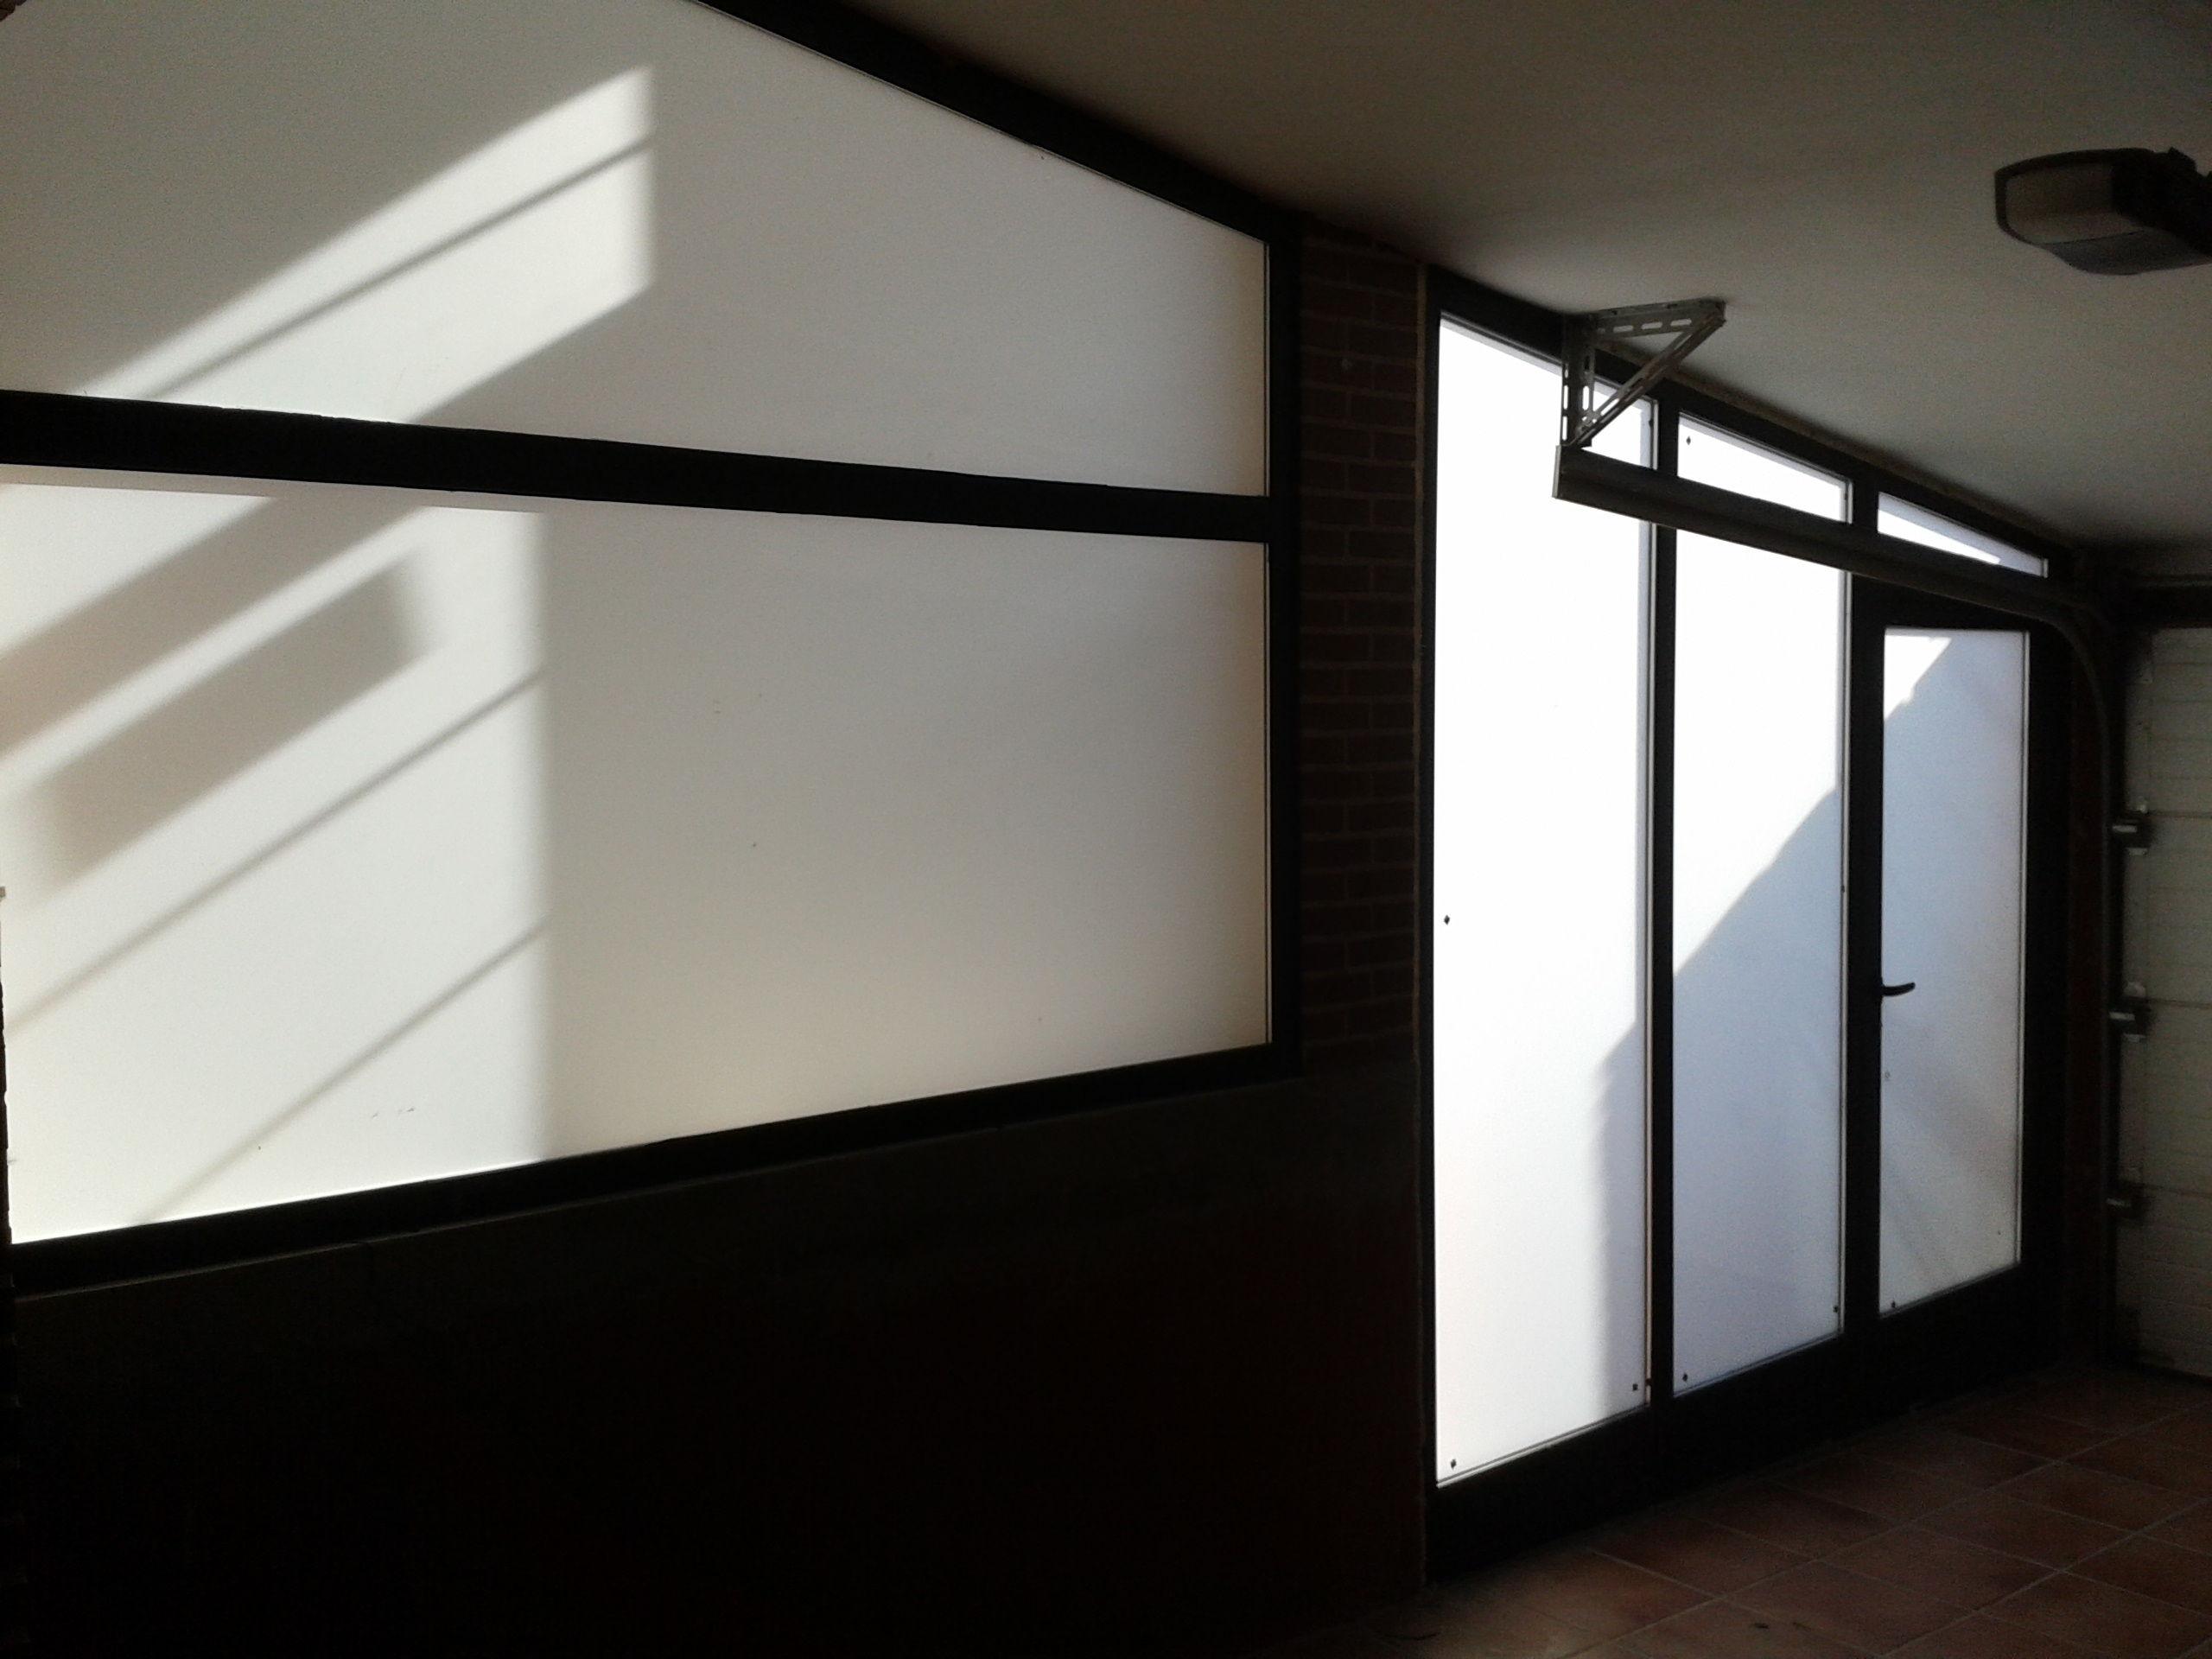 Foto 6 de Carpintería de aluminio, metálica y PVC en Madrid | Aluminios José Luis